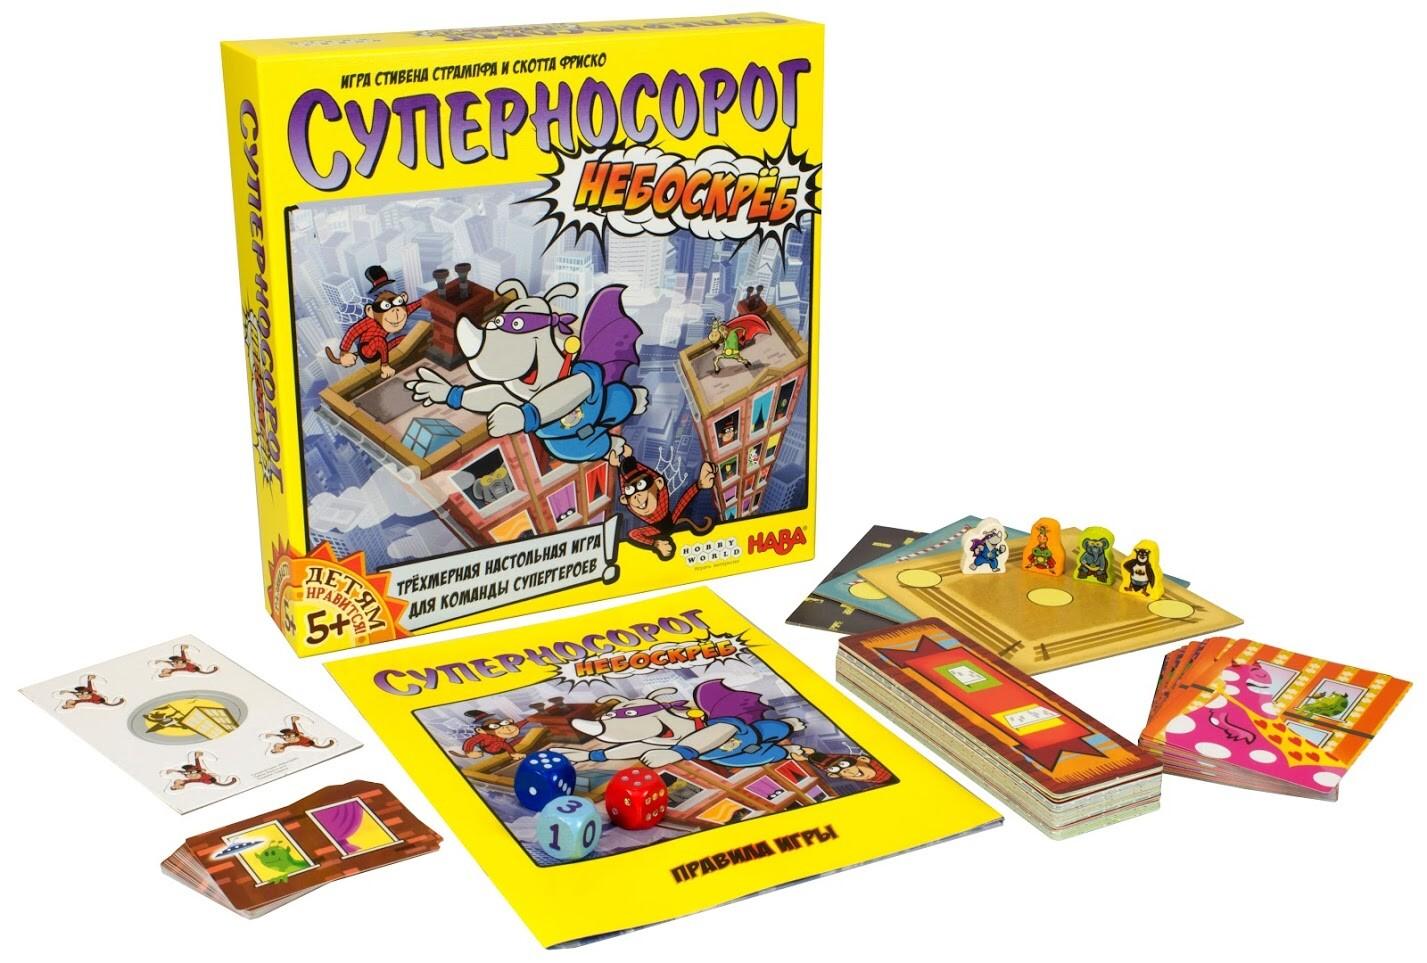 Настольная игра «Суперносорог: Небоскрёб»   Интернет магазин игрушек Happywil